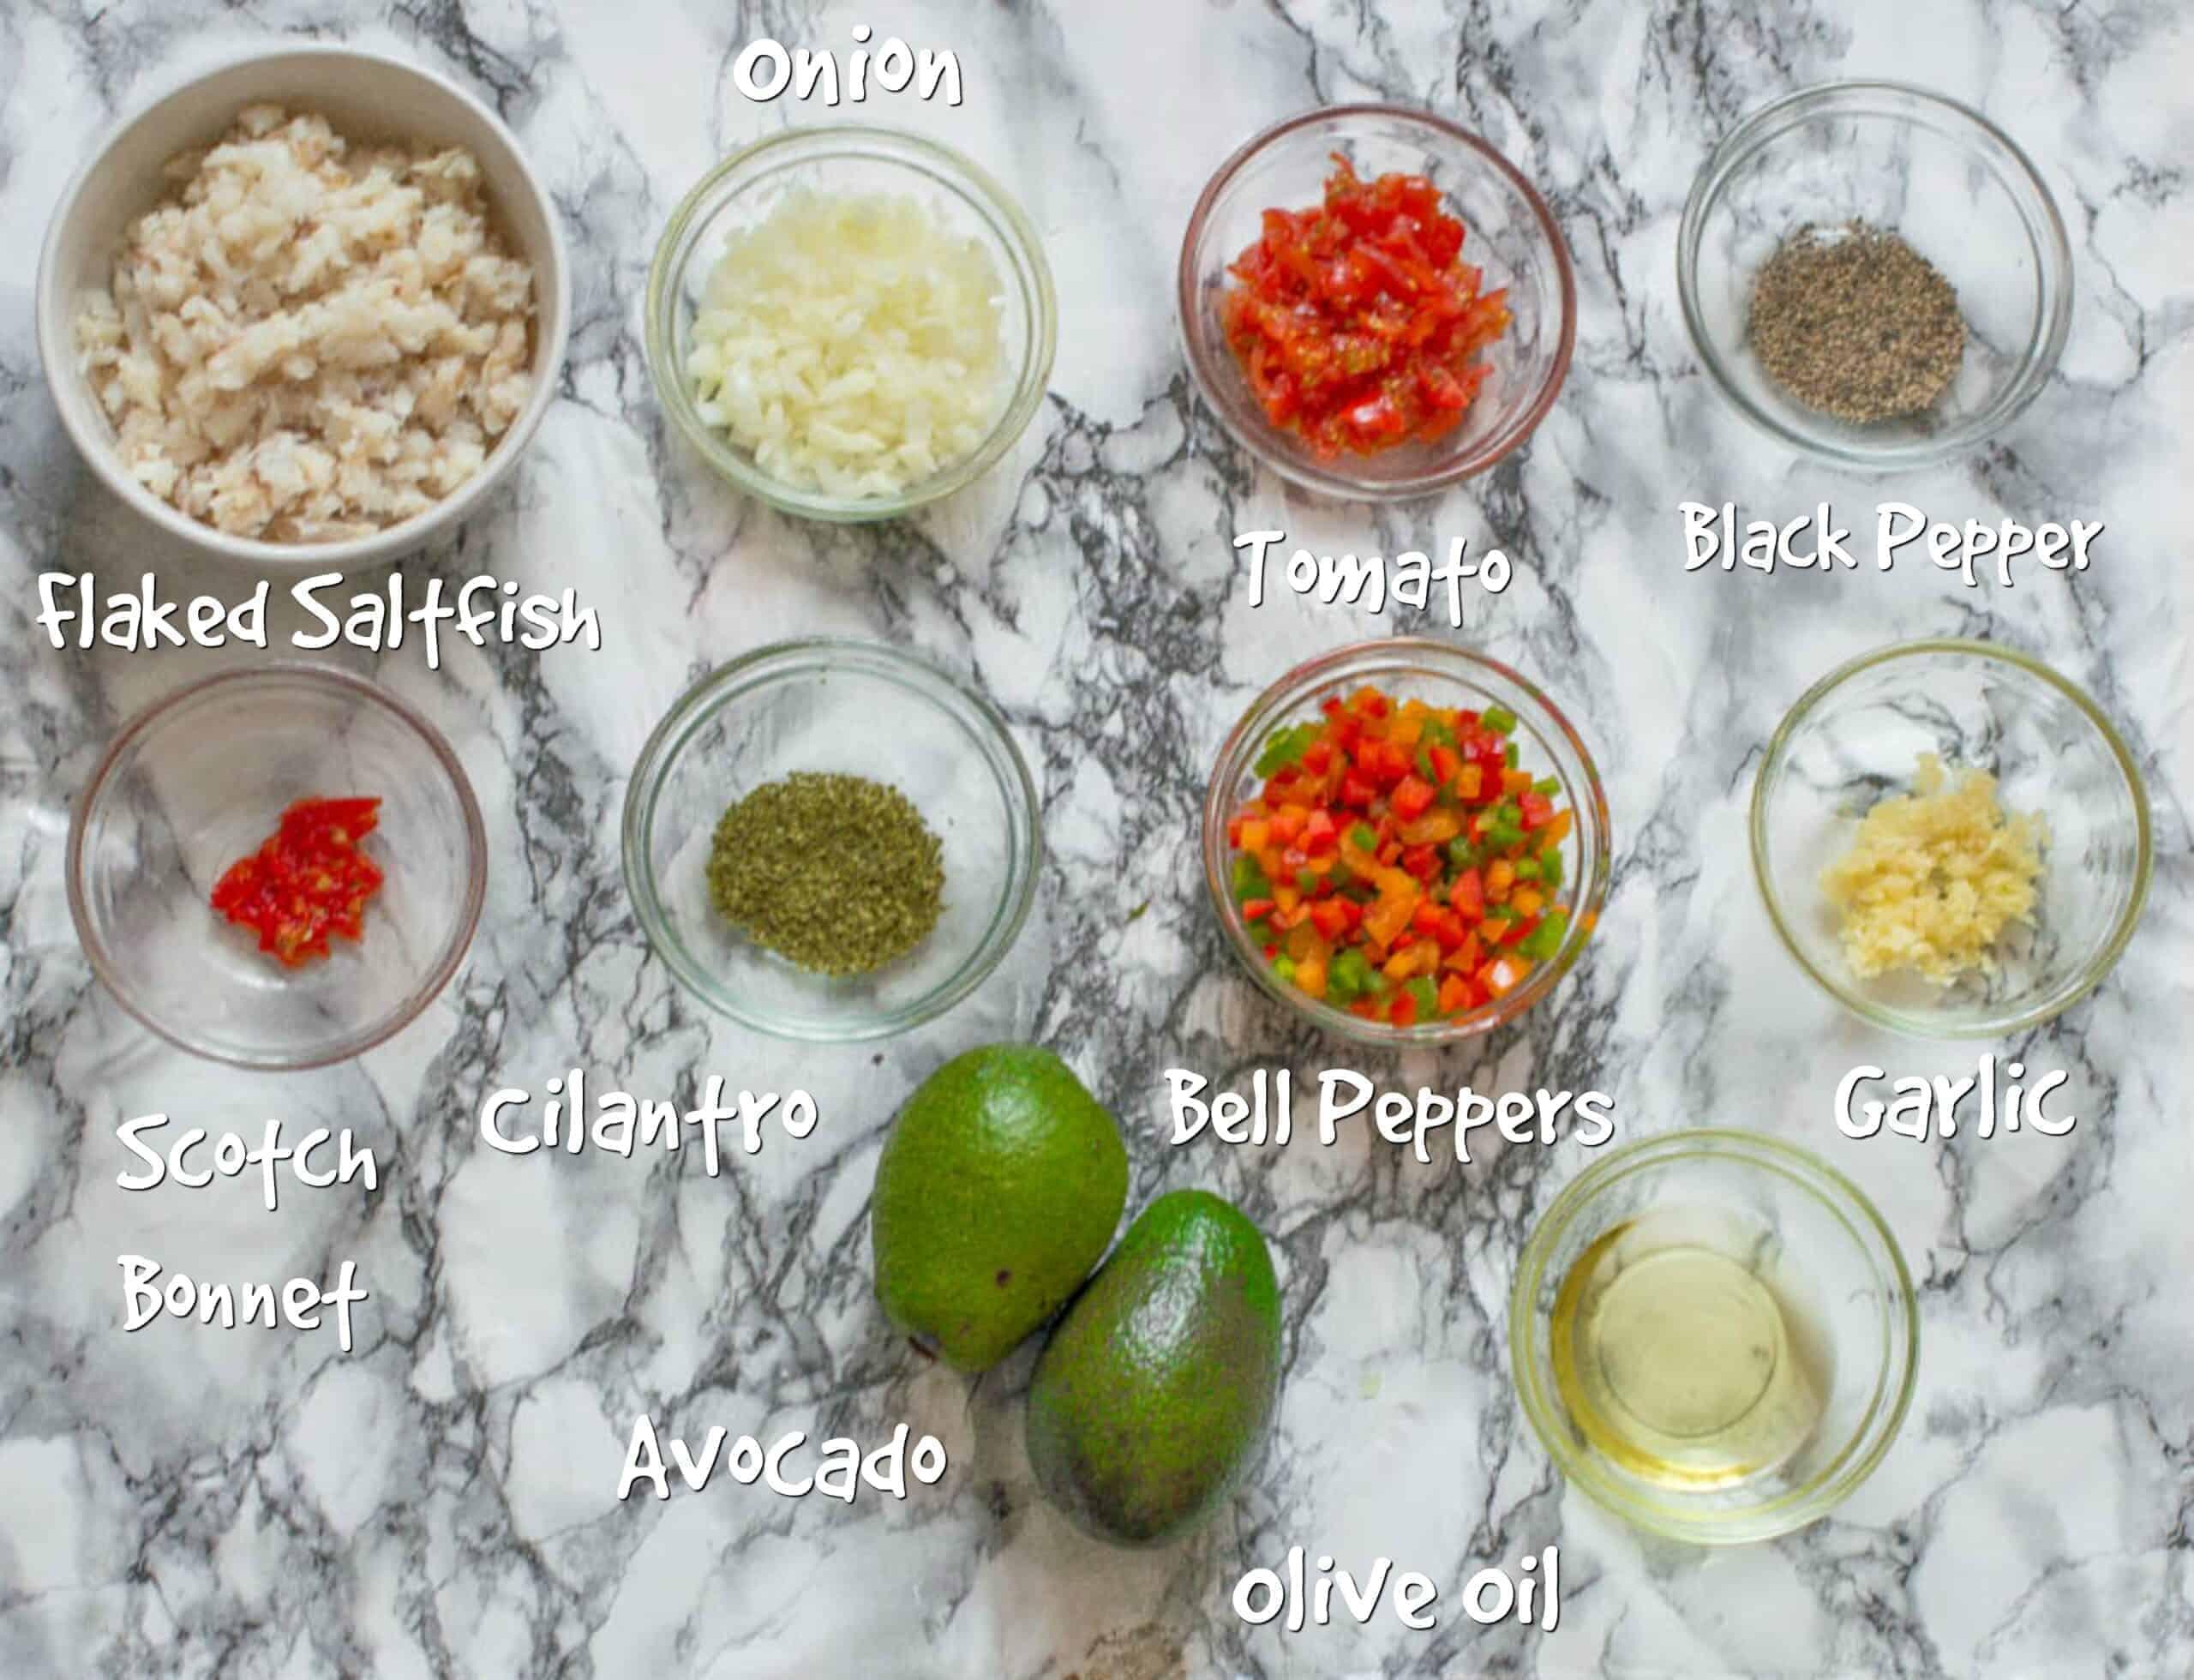 ingredients for saltfish buljol